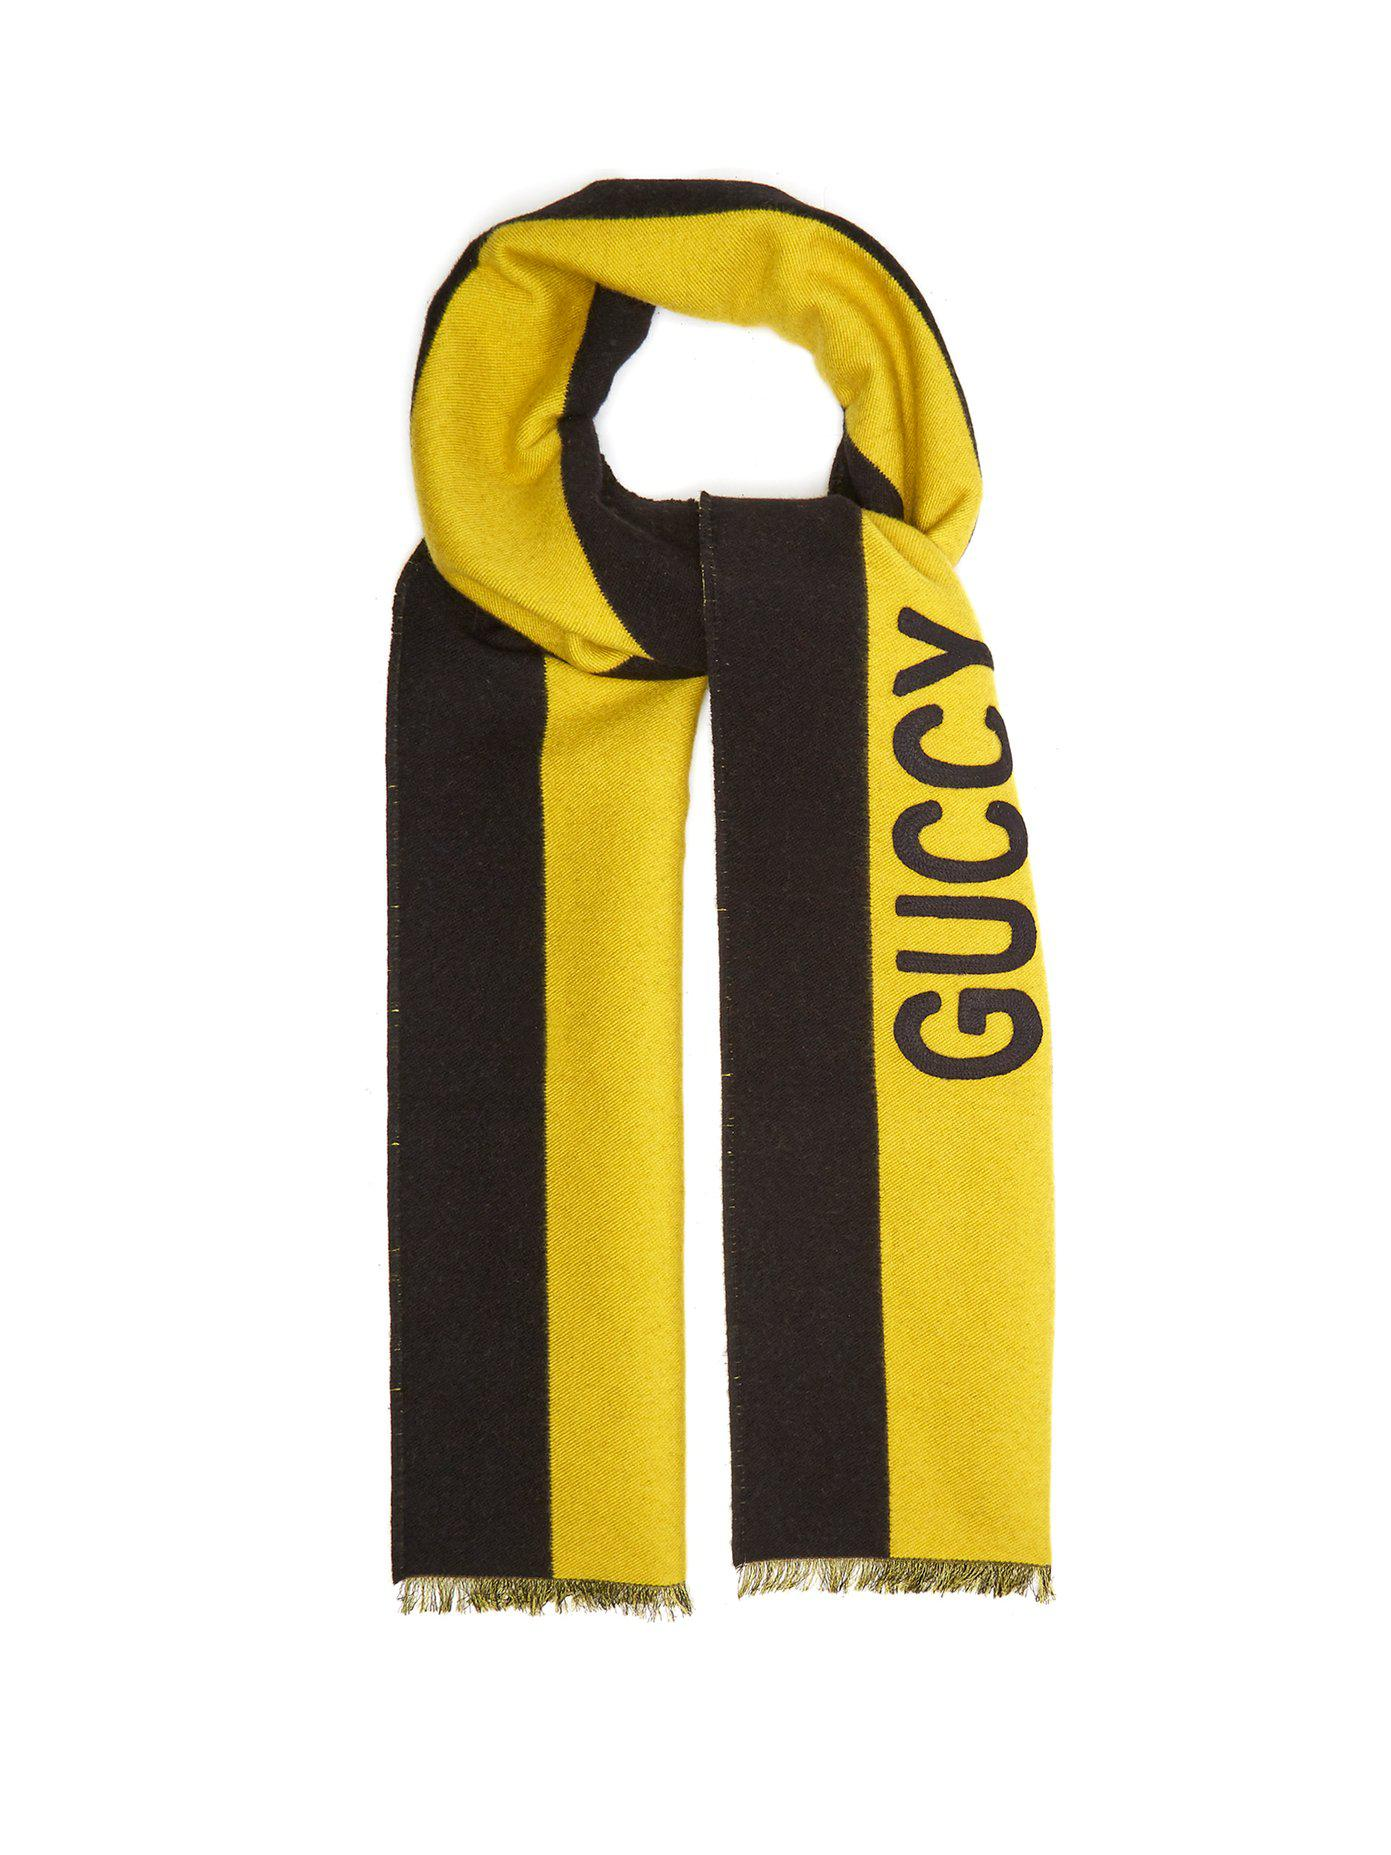 Lyst - Écharpe en soie et laine à appliqué Guccy Gucci pour homme en ... 4800b4c6682